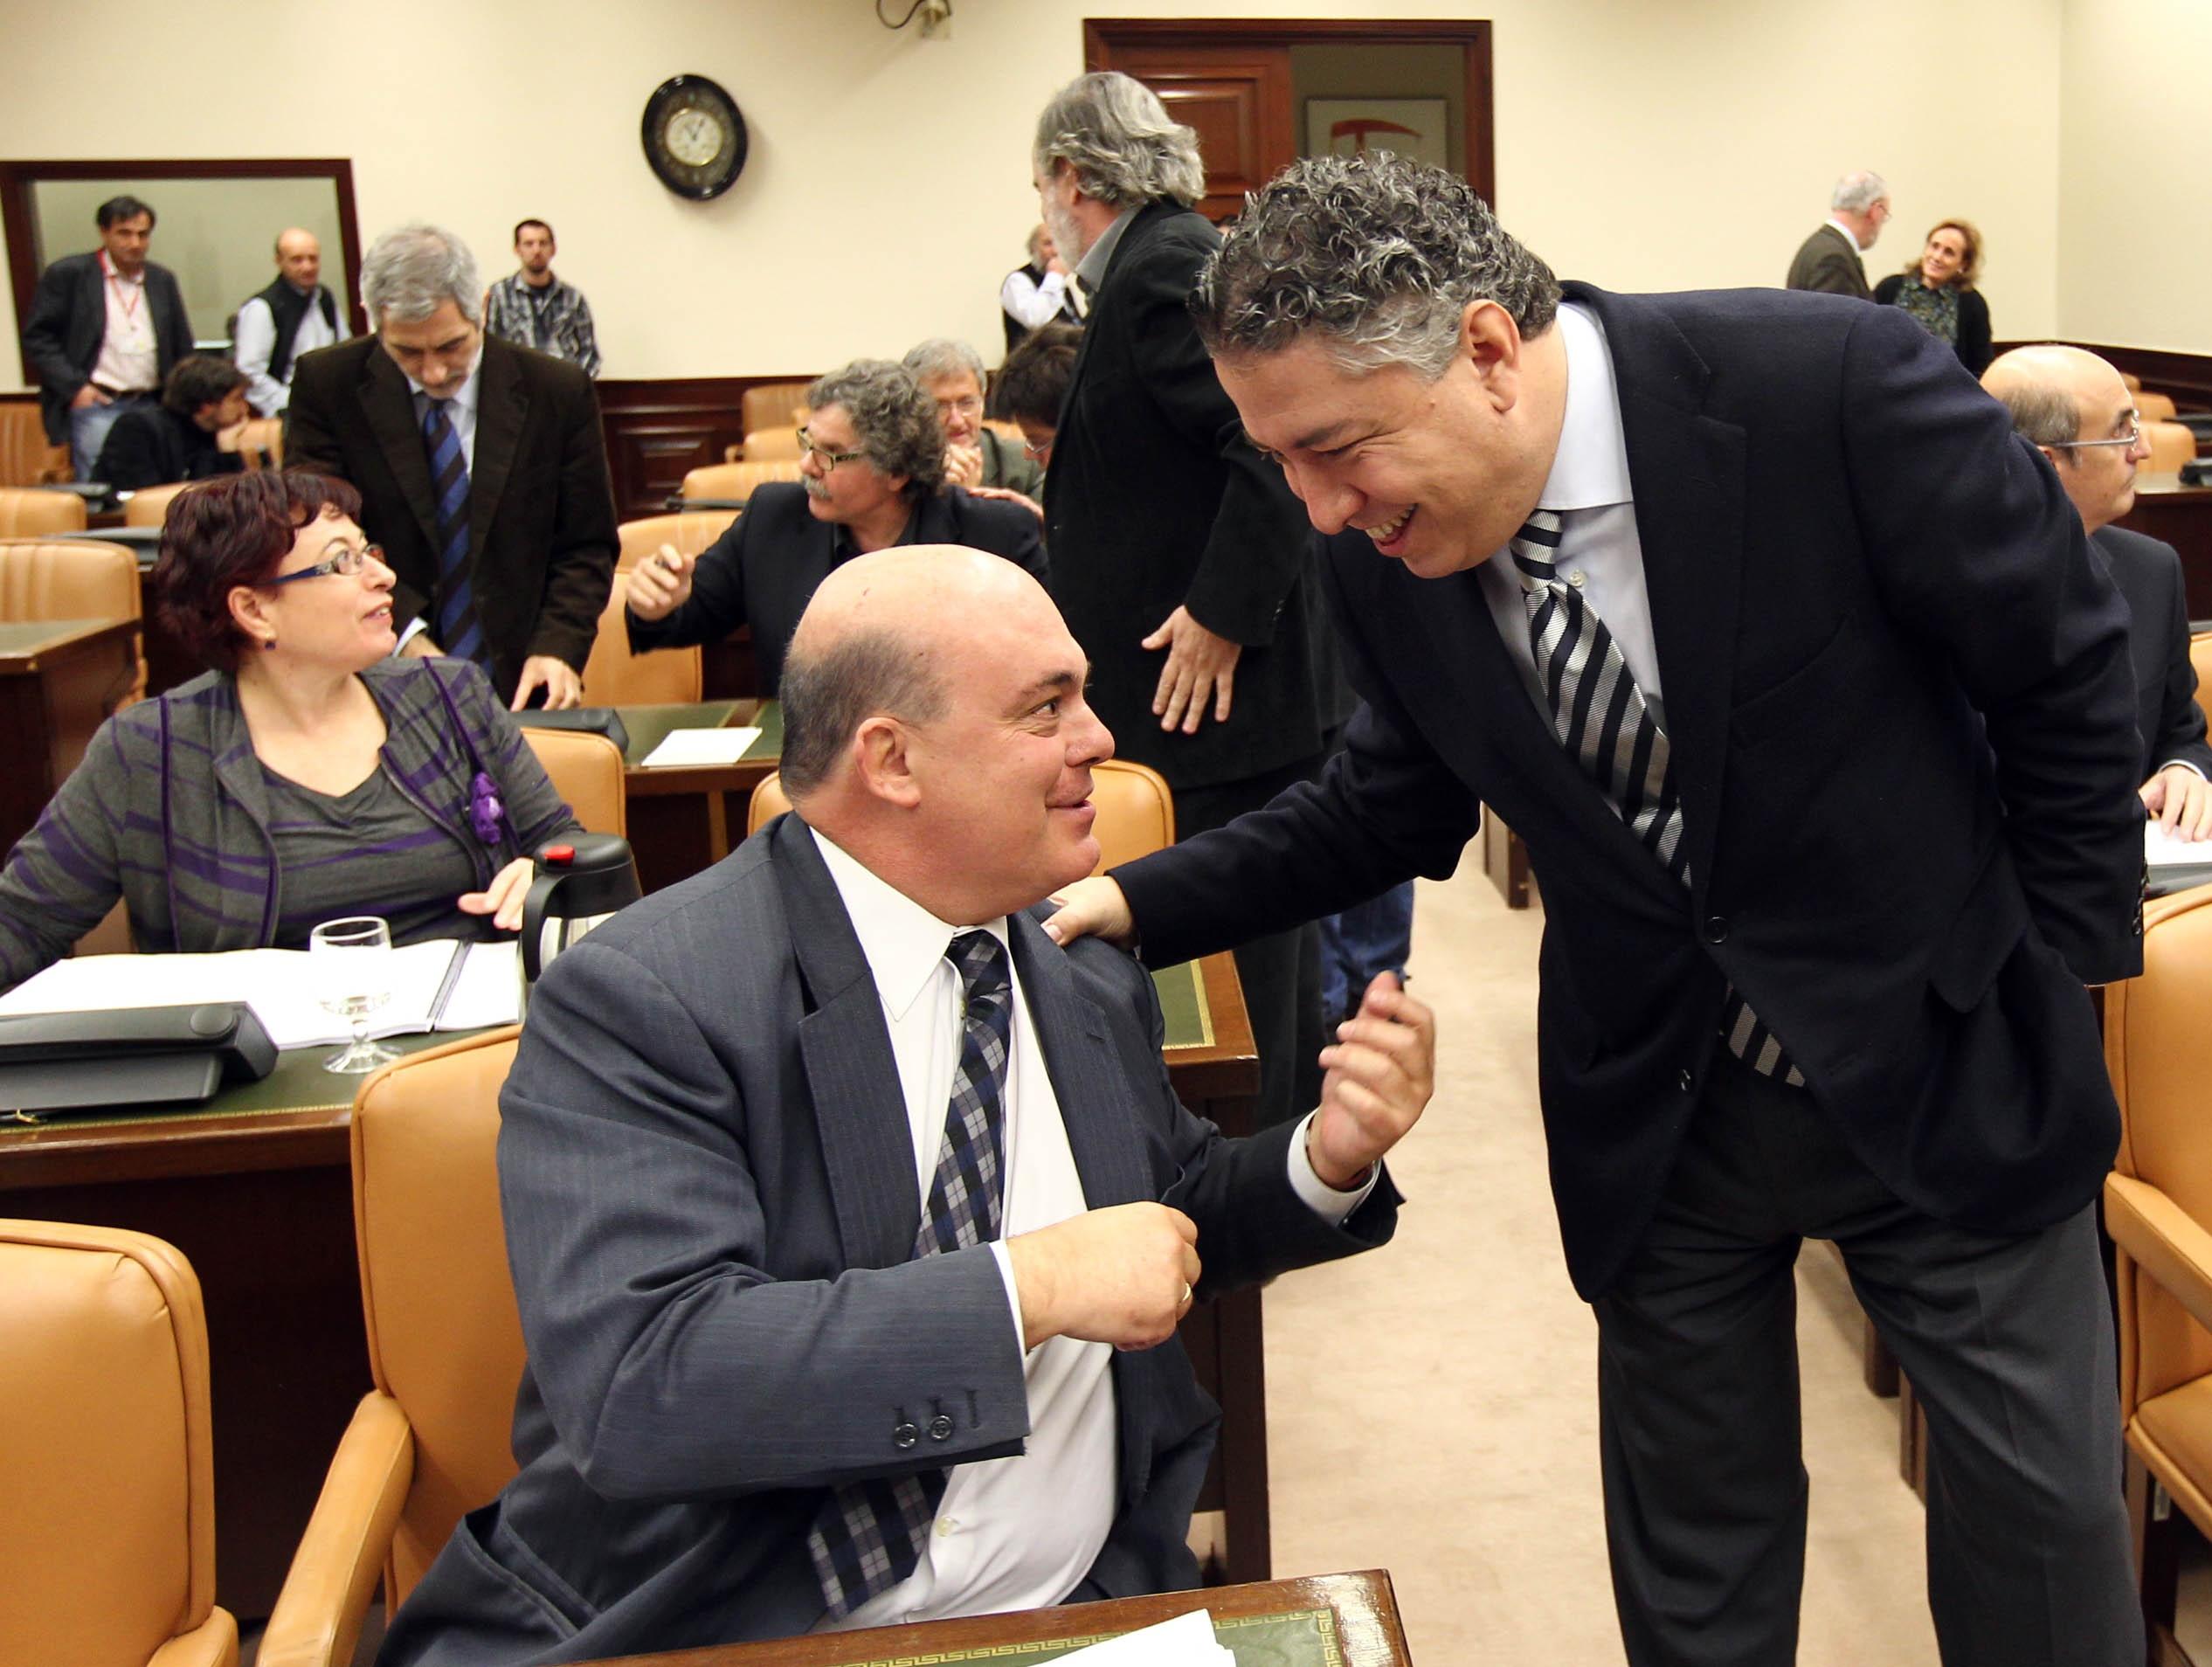 El PNV reconoce que hace falta ajustar las pensiones, pero rechaza que se haga «sólo sobre recortes»